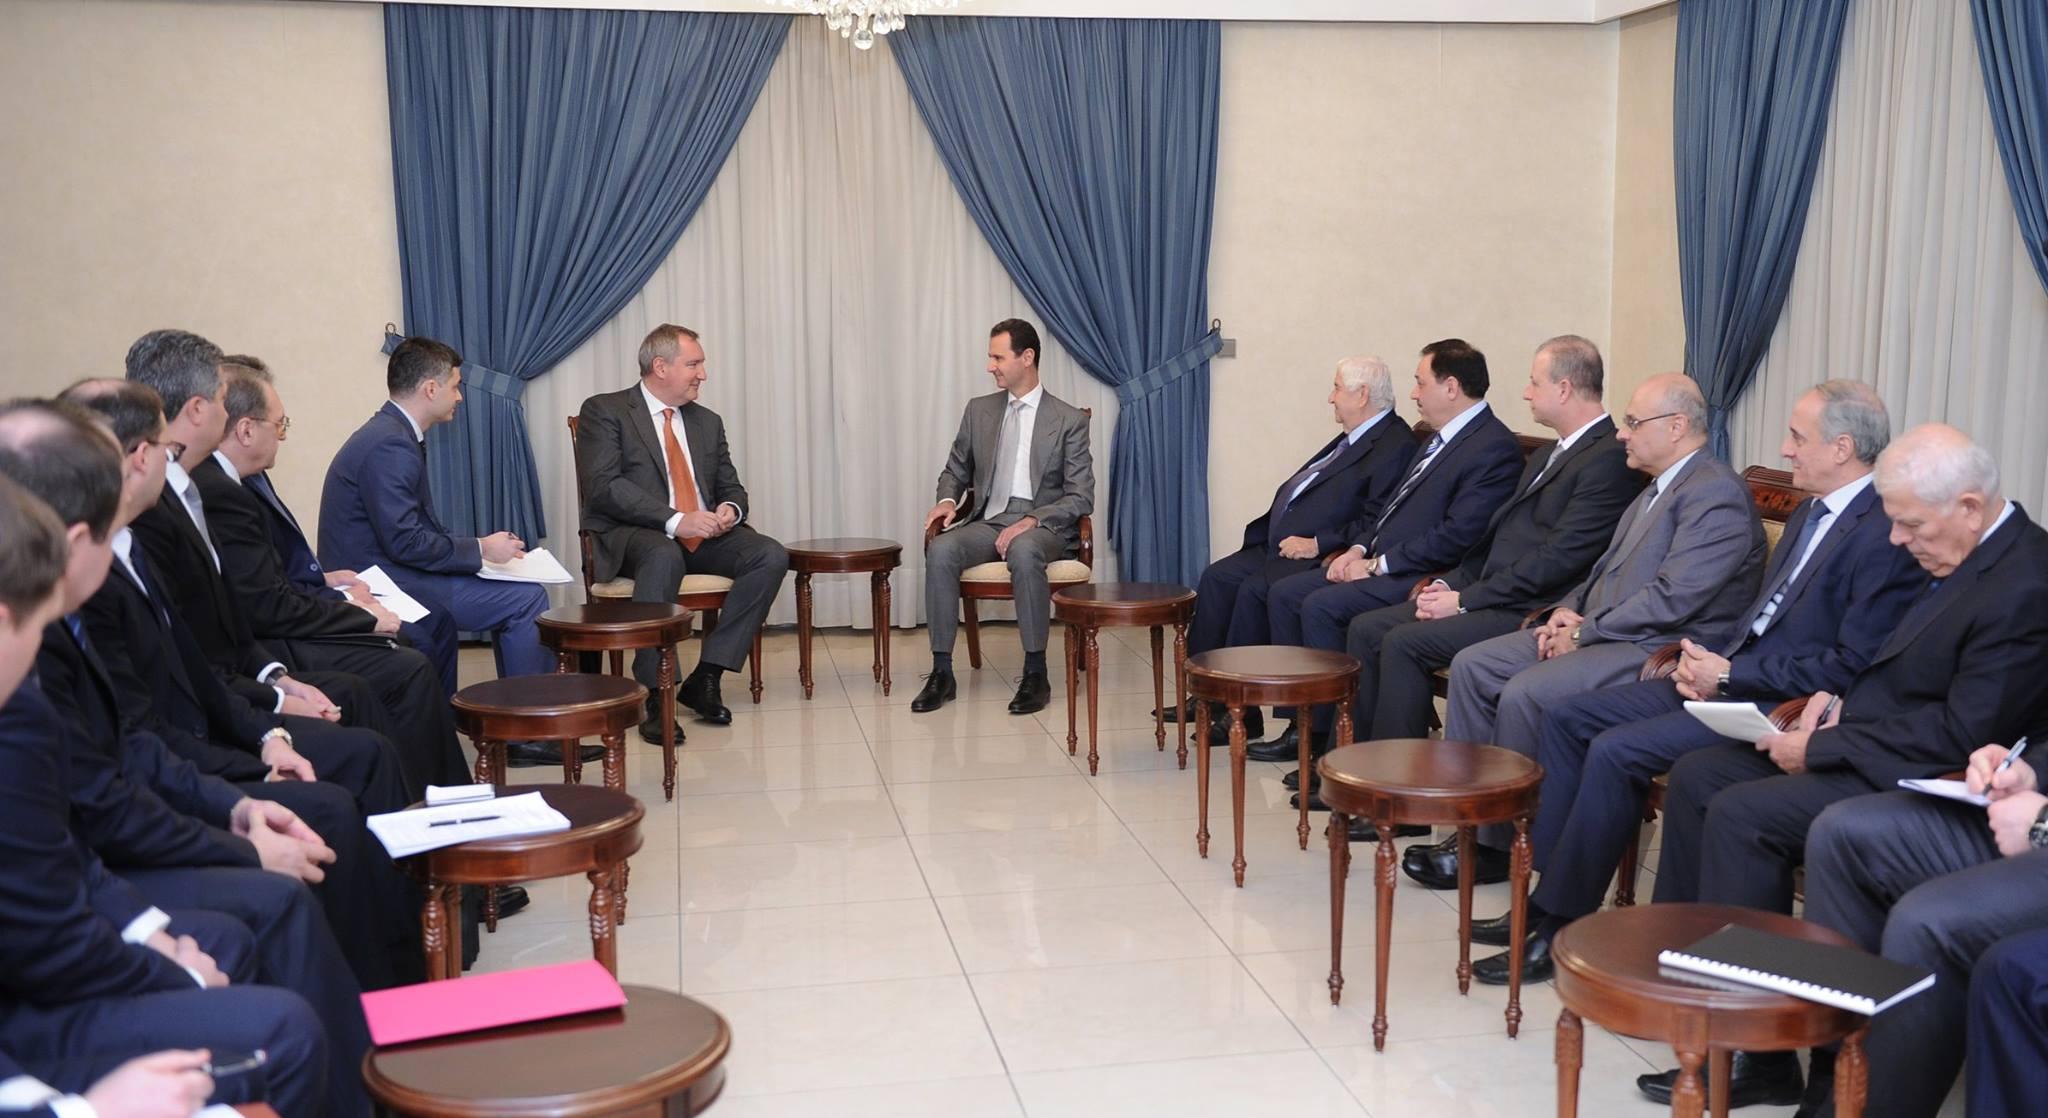 الرئيس الأسد يستقبل وفداً حكومياً روسياً برئاسة نائب رئيس الوزراء الروسي